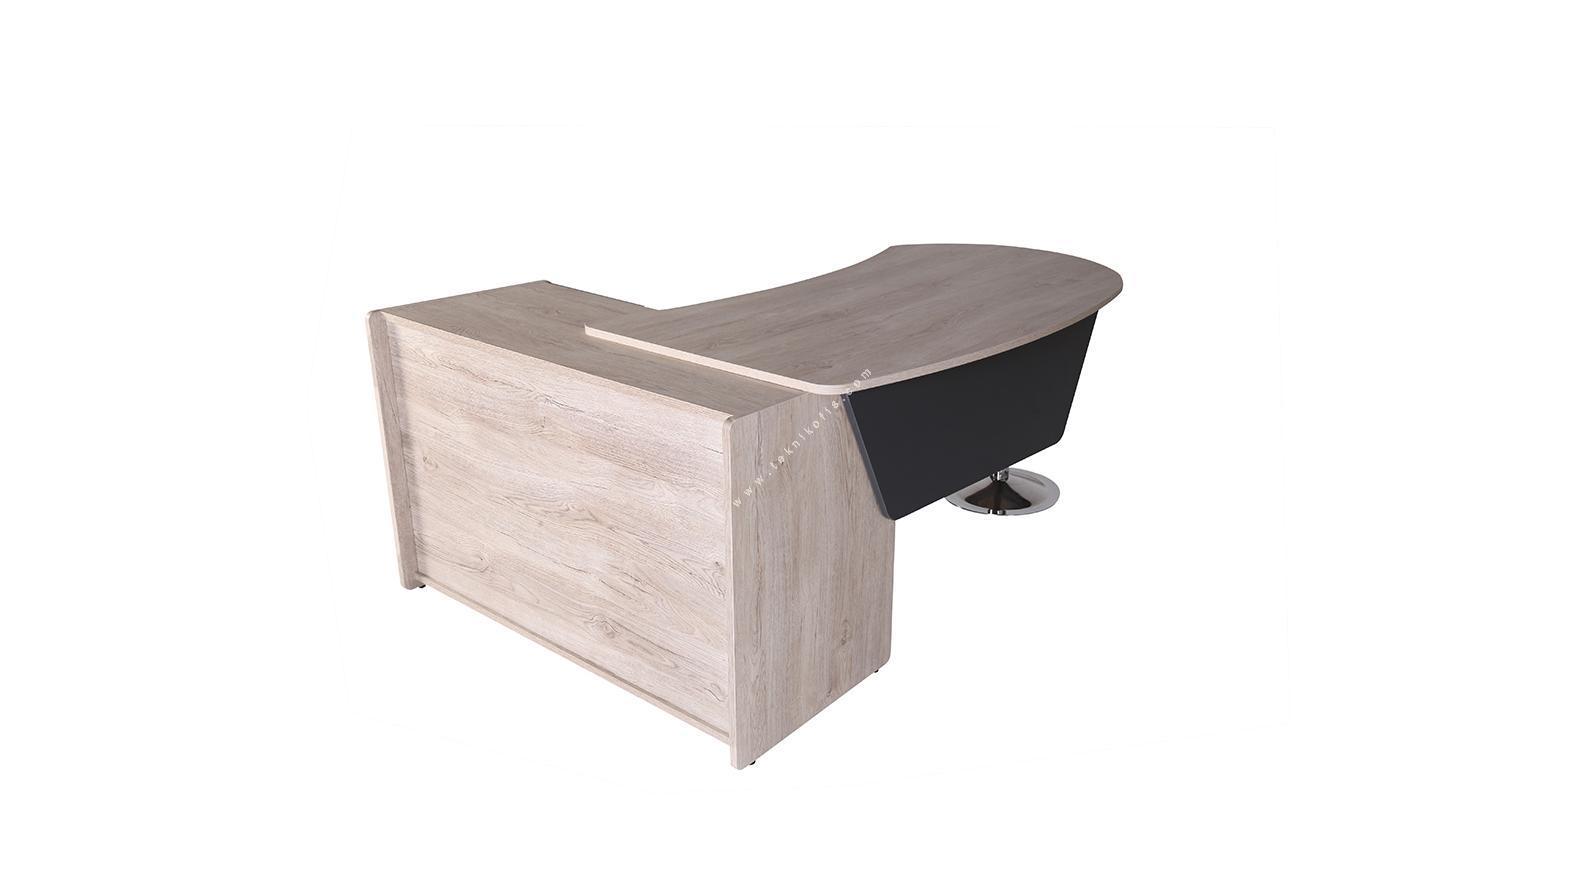 kolena sağ etajerli yönetici masası 180cm